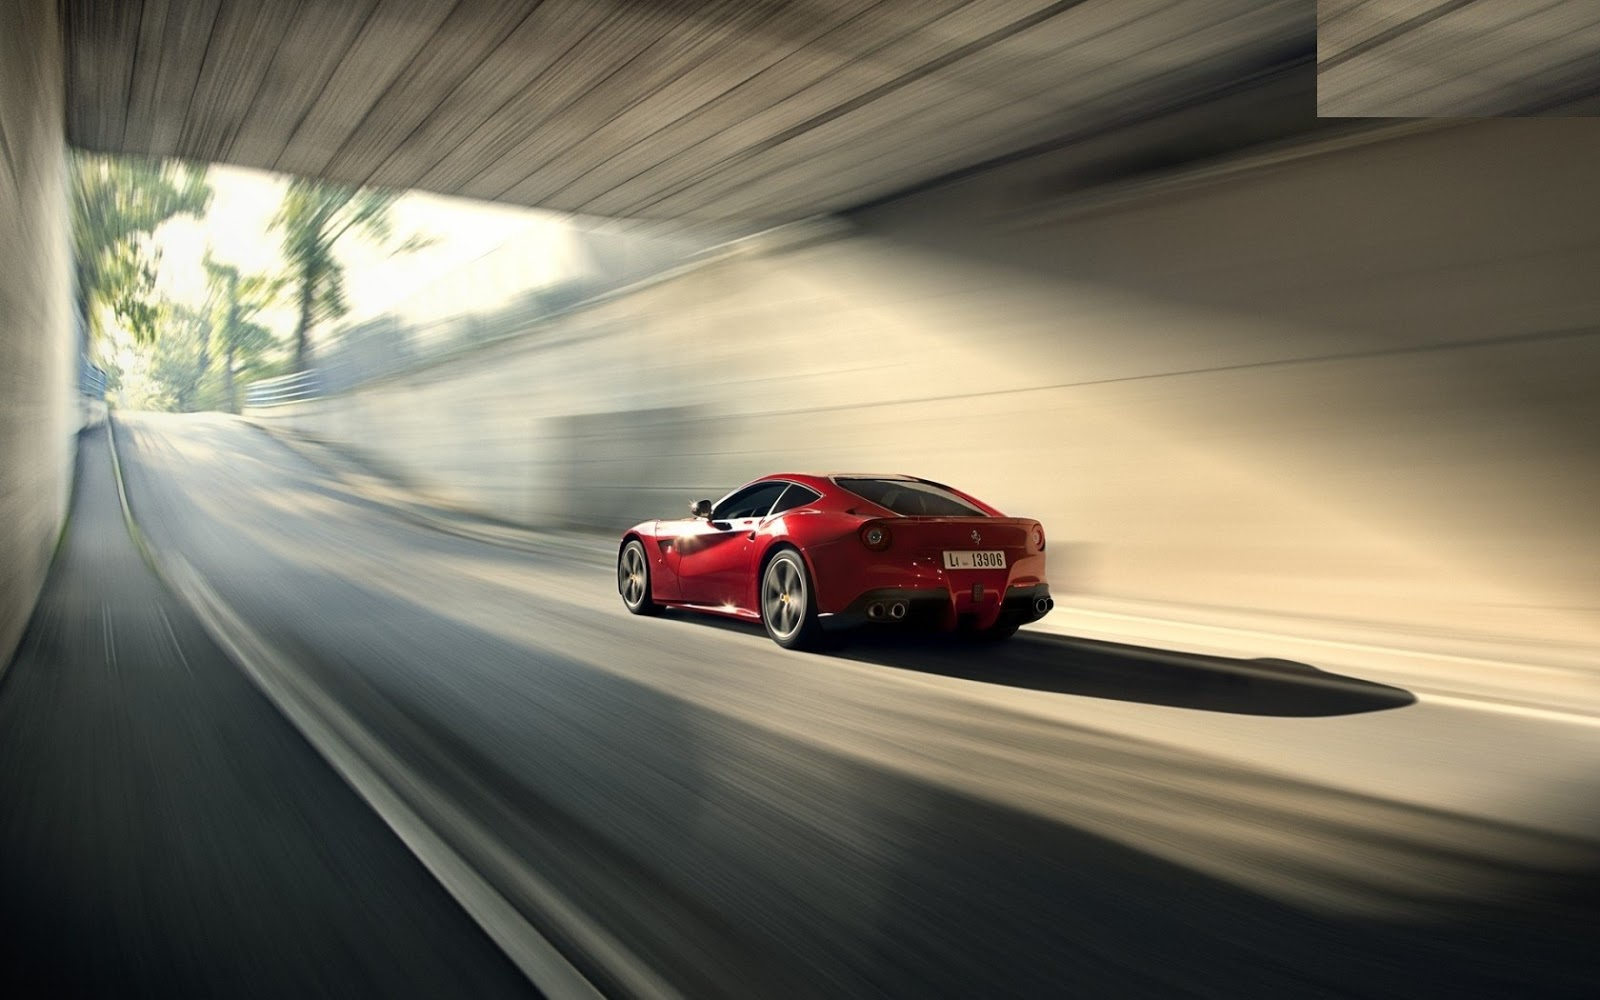 fantastic Ferrari SP 38 Wallpaper